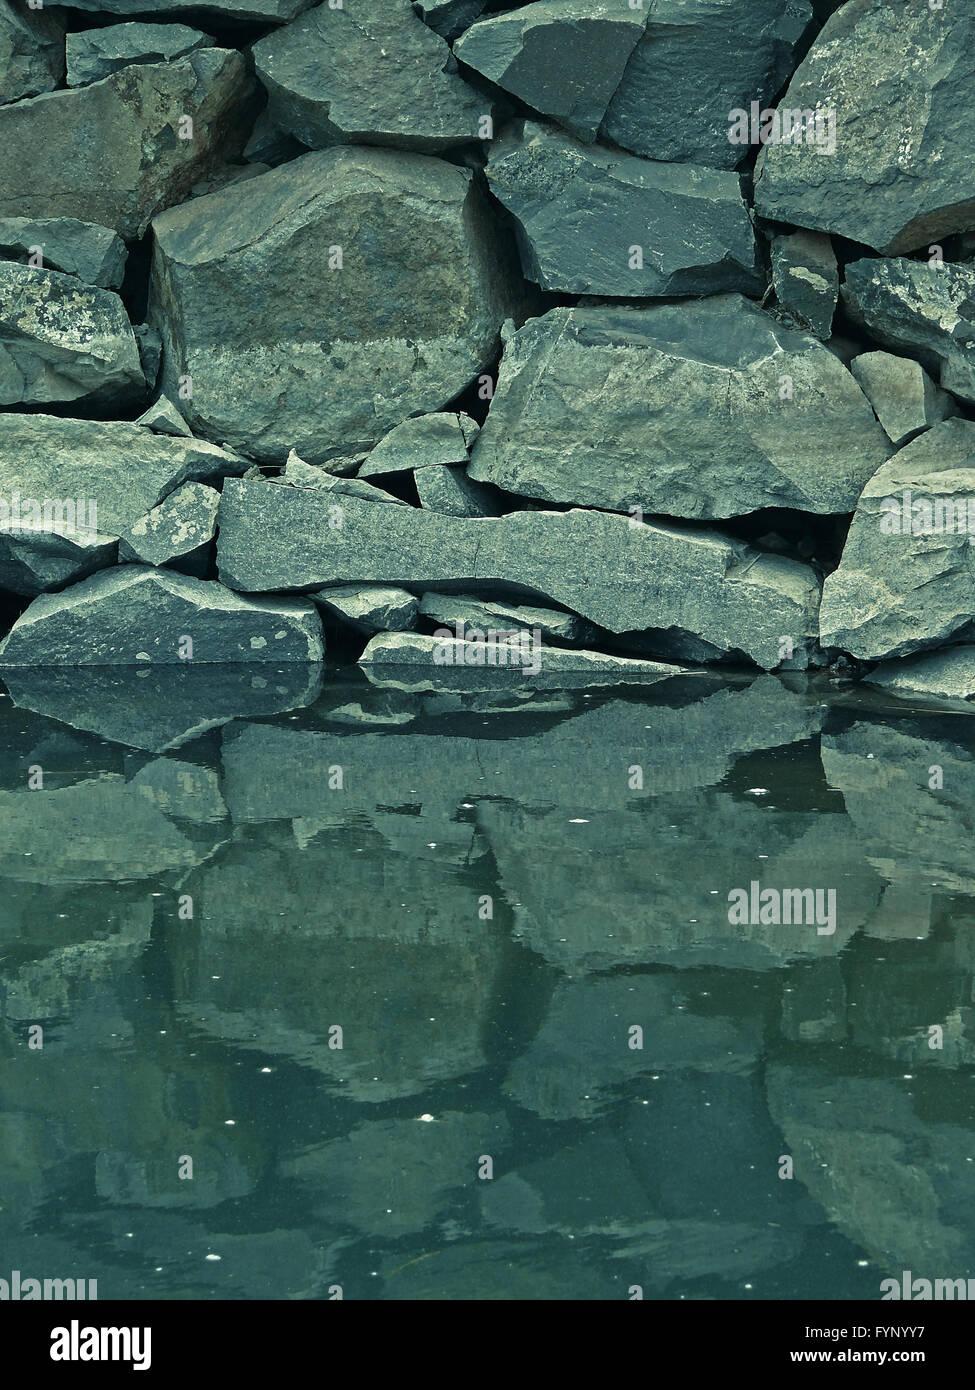 Reflet de pierres dans l'eau calme Photo Stock